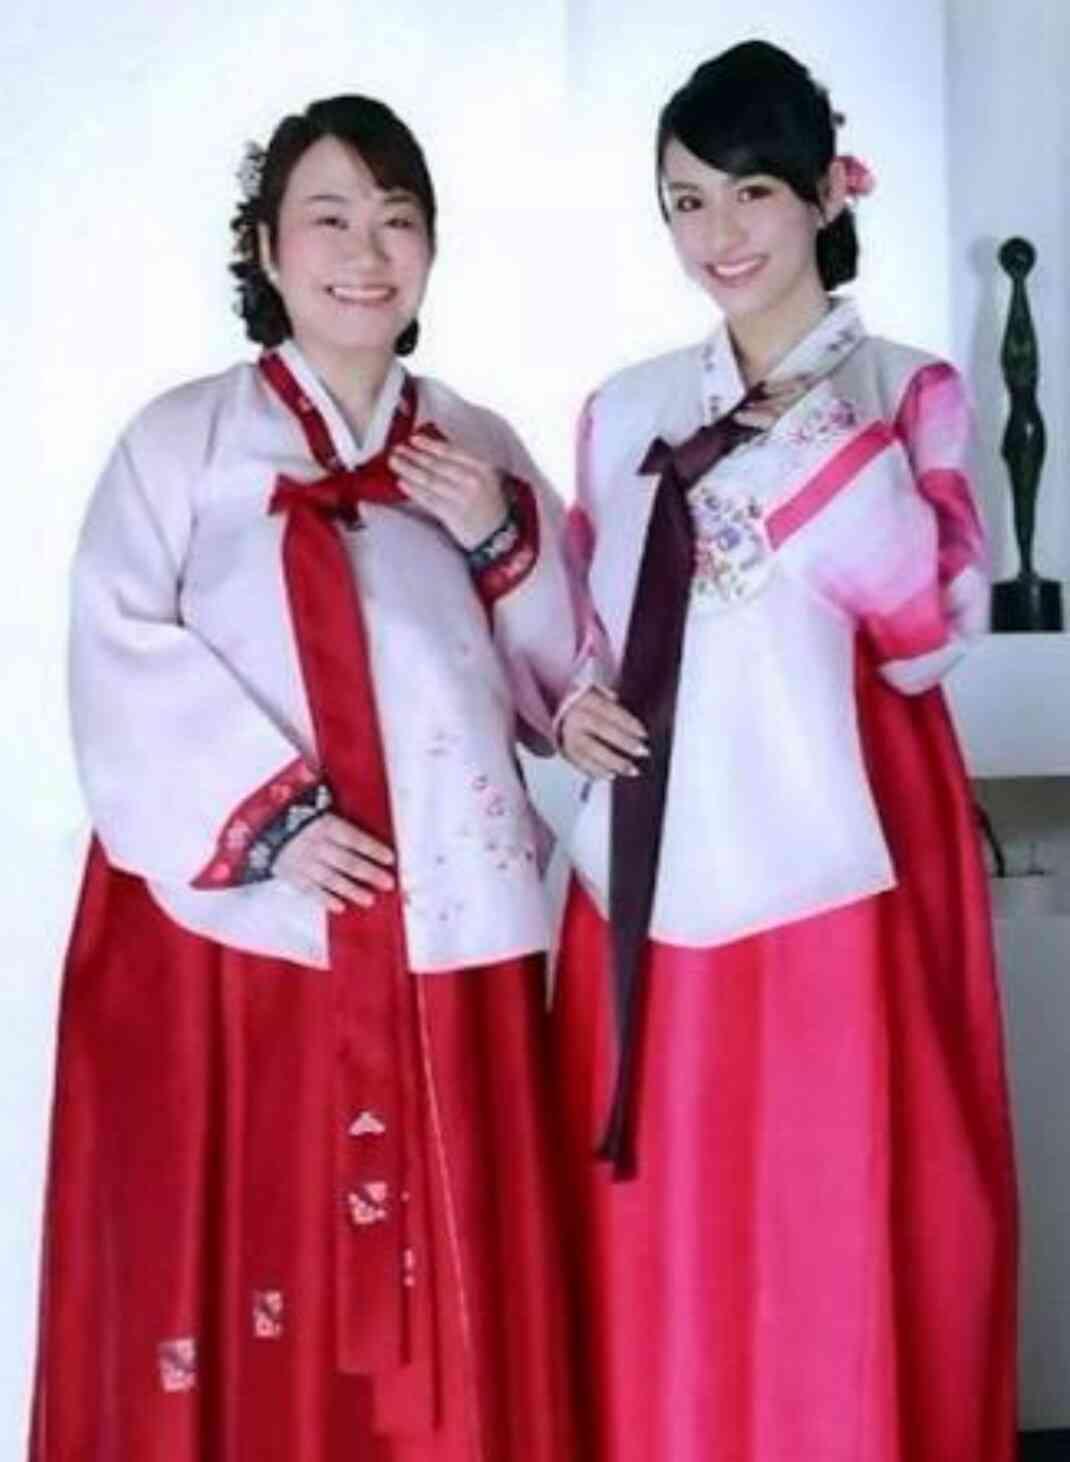 きゃりー&Perfumeあ〜ちゃんが仲良しプライベート旅行 「最強ペア」とファン歓喜